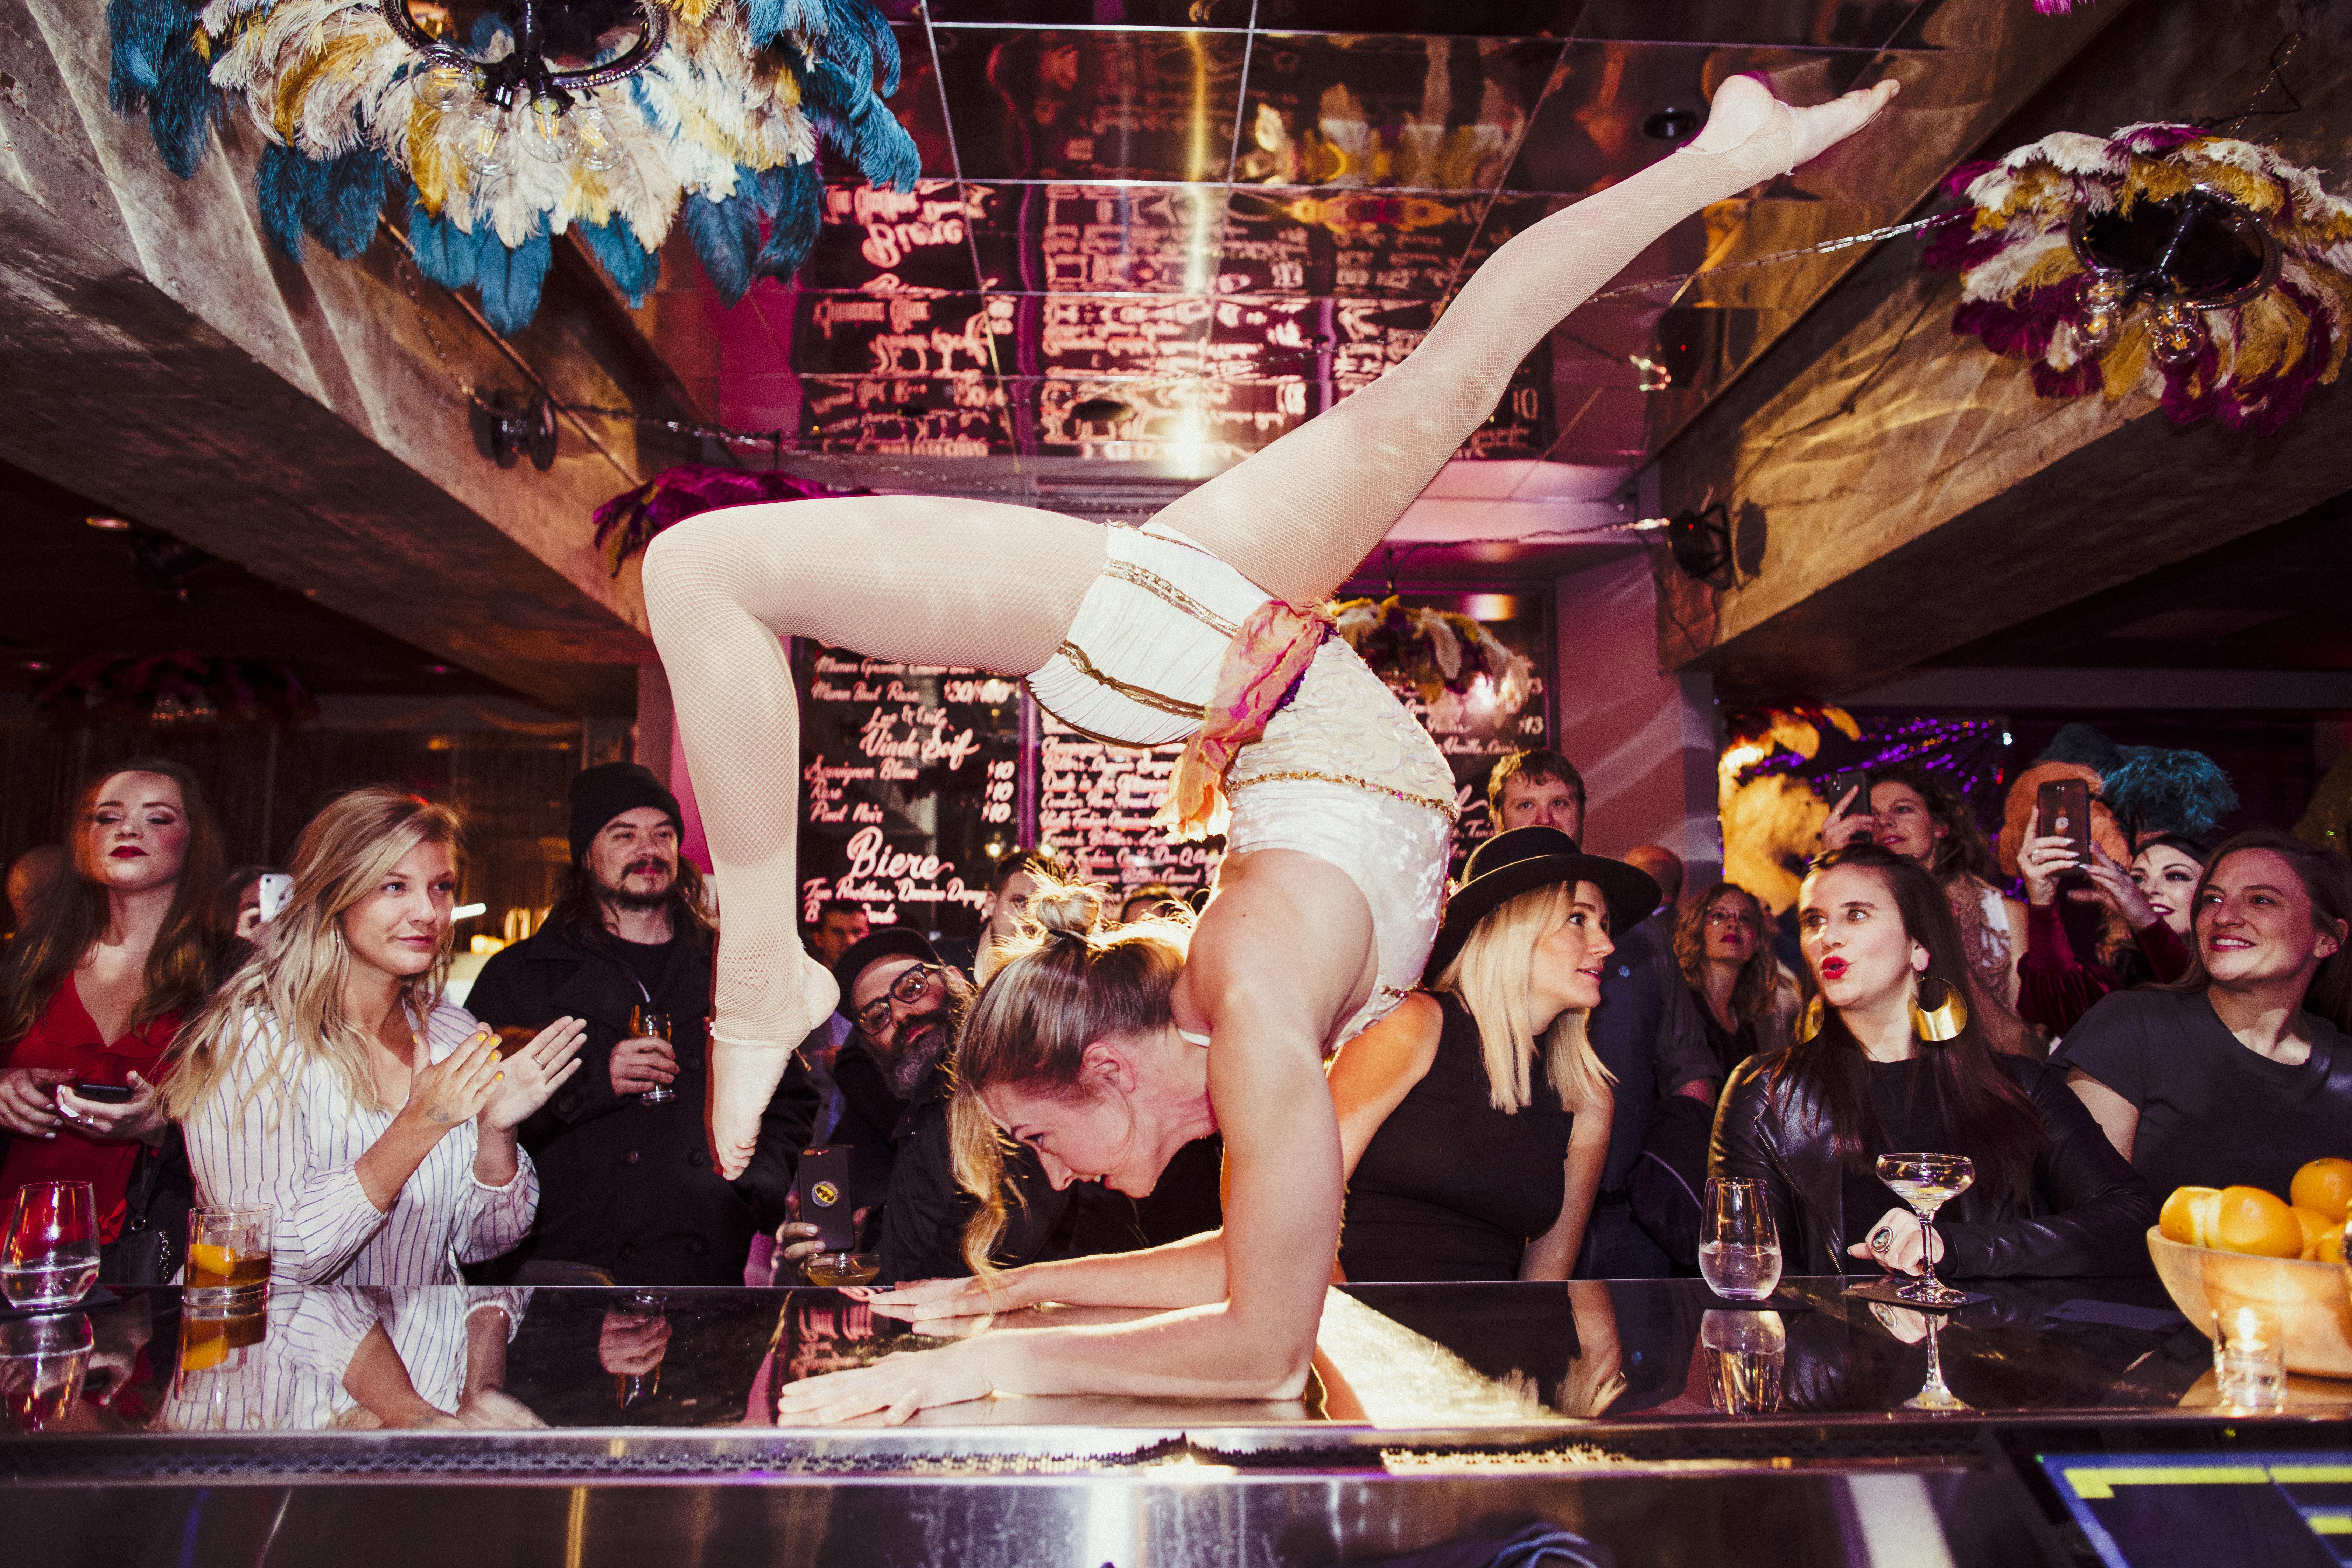 Step Inside Nashville's New Moulin Rouge-Inspired Pop-Up Bar